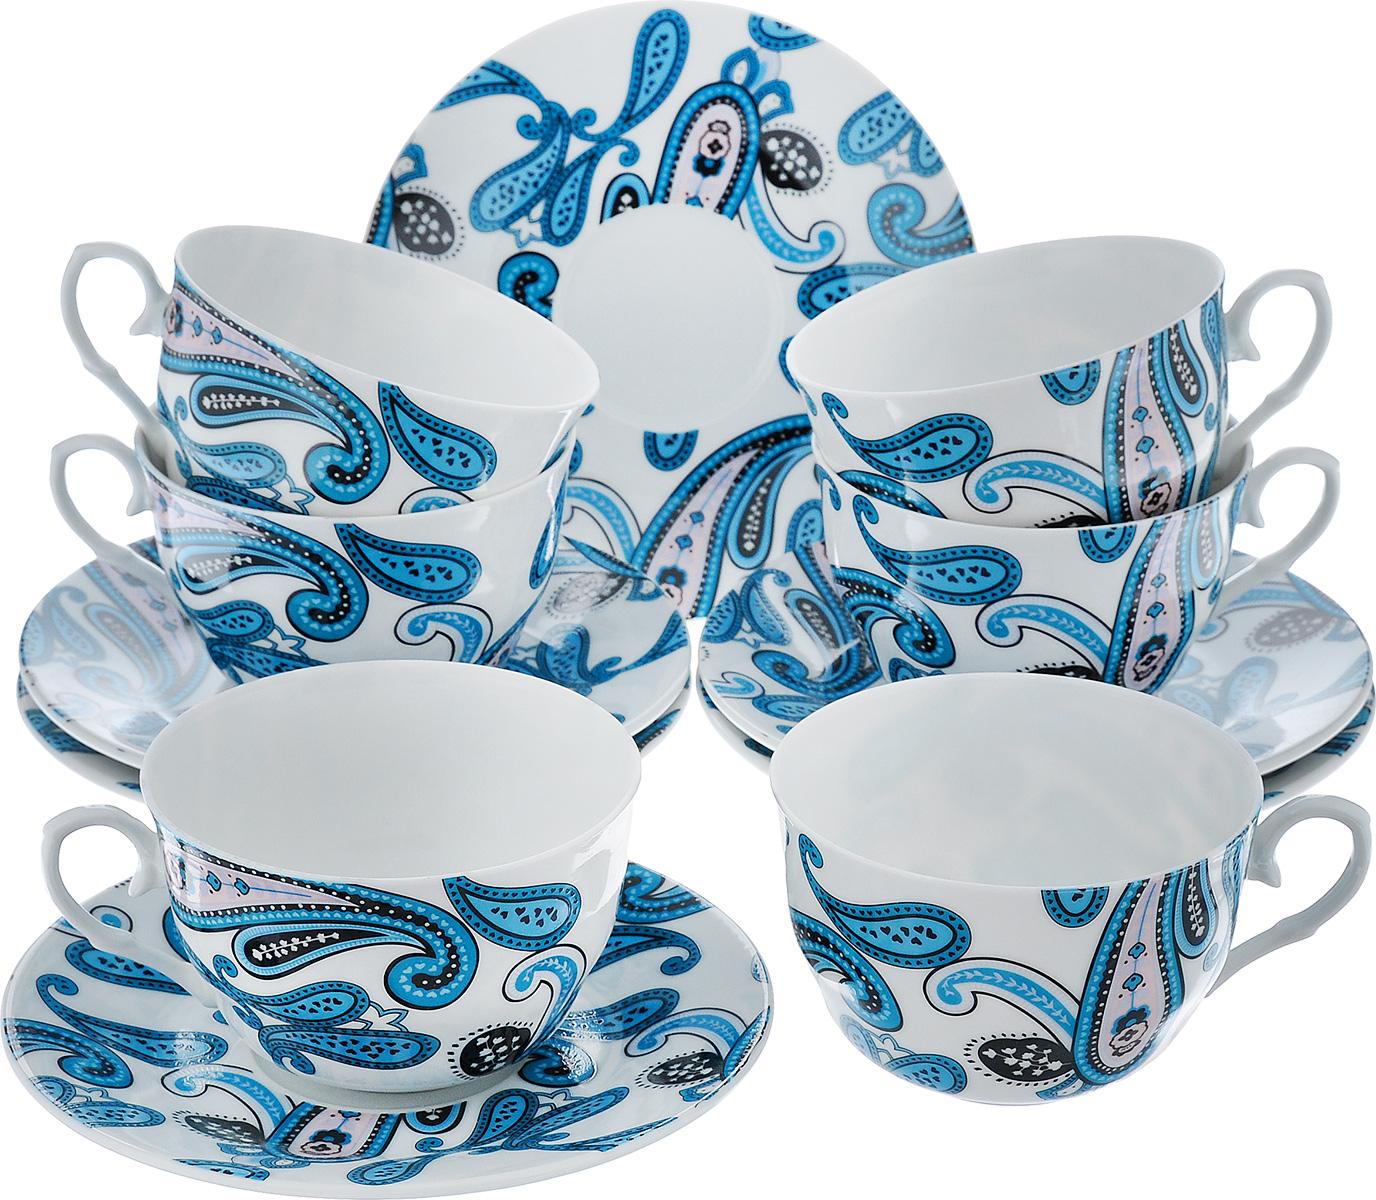 Чайный набор LarangE Пейсли, цвет: белый, синий, 12 предметов586-314Чайный набор LarangE Пейсли состоит из шести чашек и шести блюдец,изготовленных из фарфора. Предметы набора оформленыизящным ярким рисунком.Чайный набор LarangE Пейсли украсит ваш кухонный стол, а такжестанет замечательным подарком друзьям и близким.Объем чашки: 250 мл.Диаметр чашки по верхнему краю: 9 см.Высота чашки: 6 см.Диаметр блюдца: 14,5 см.